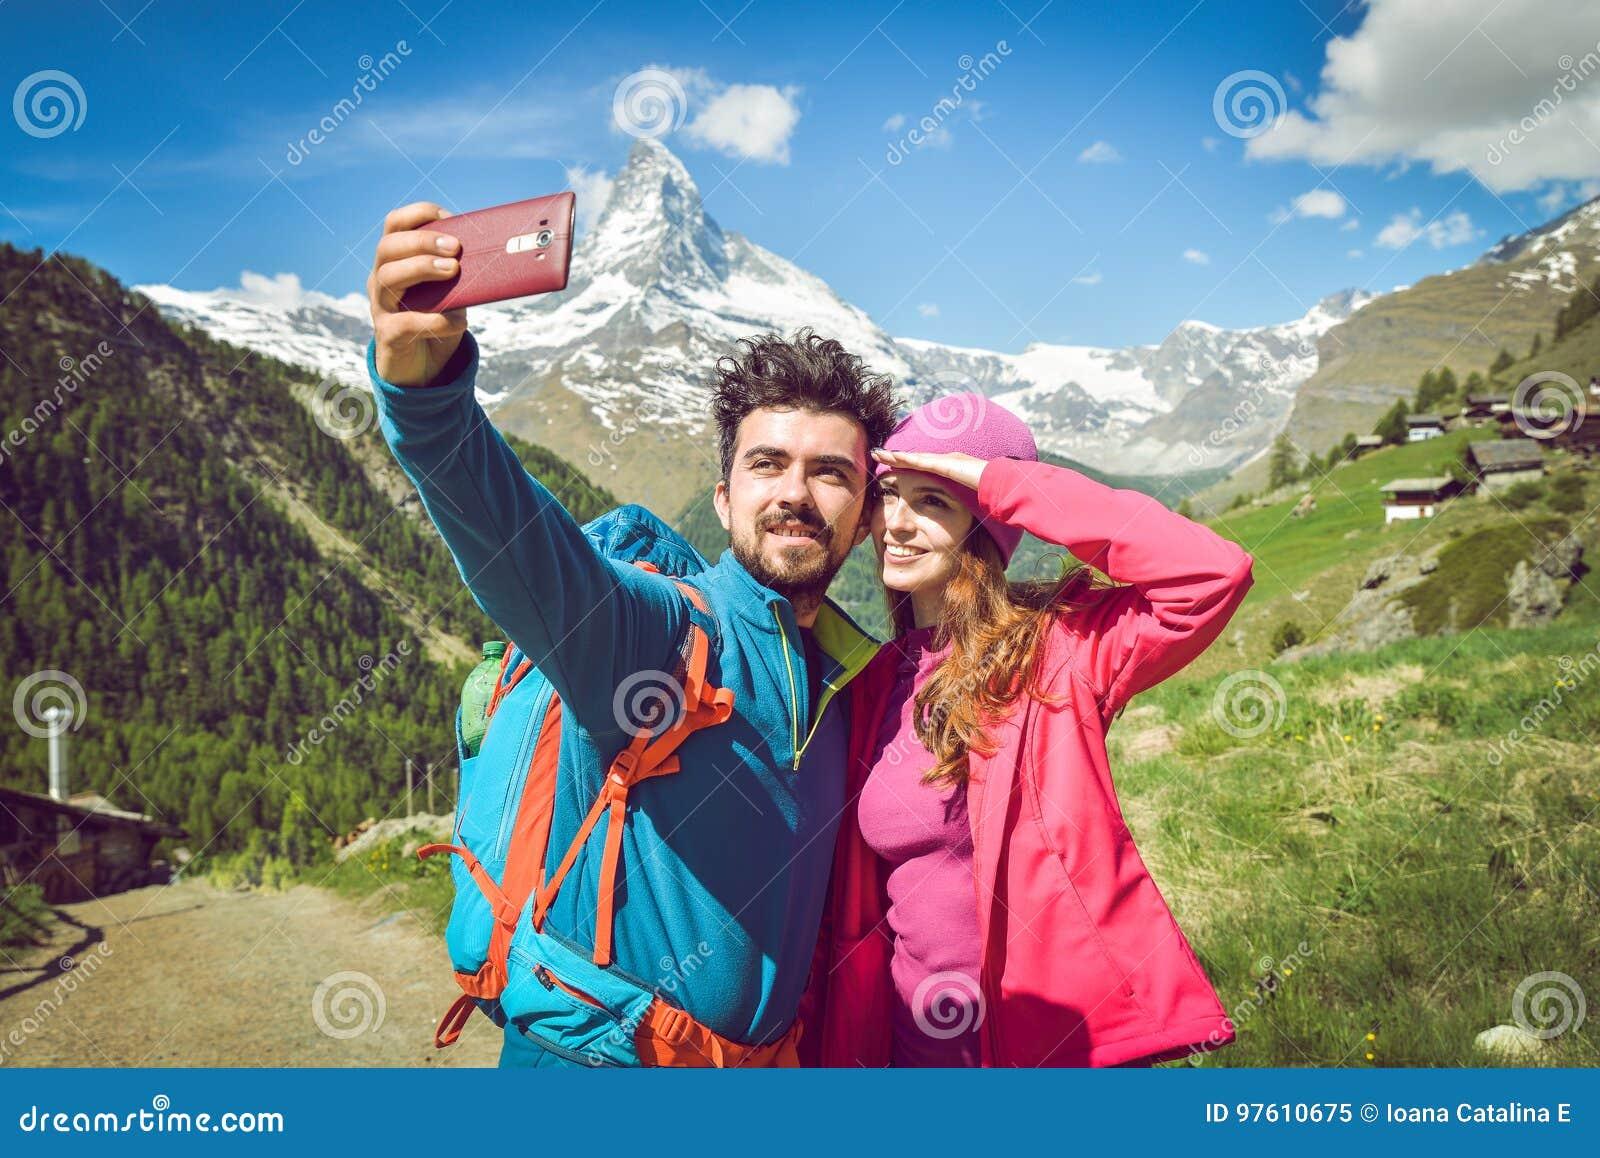 步行与背包的夫妇远足者沿一个美好的山区走